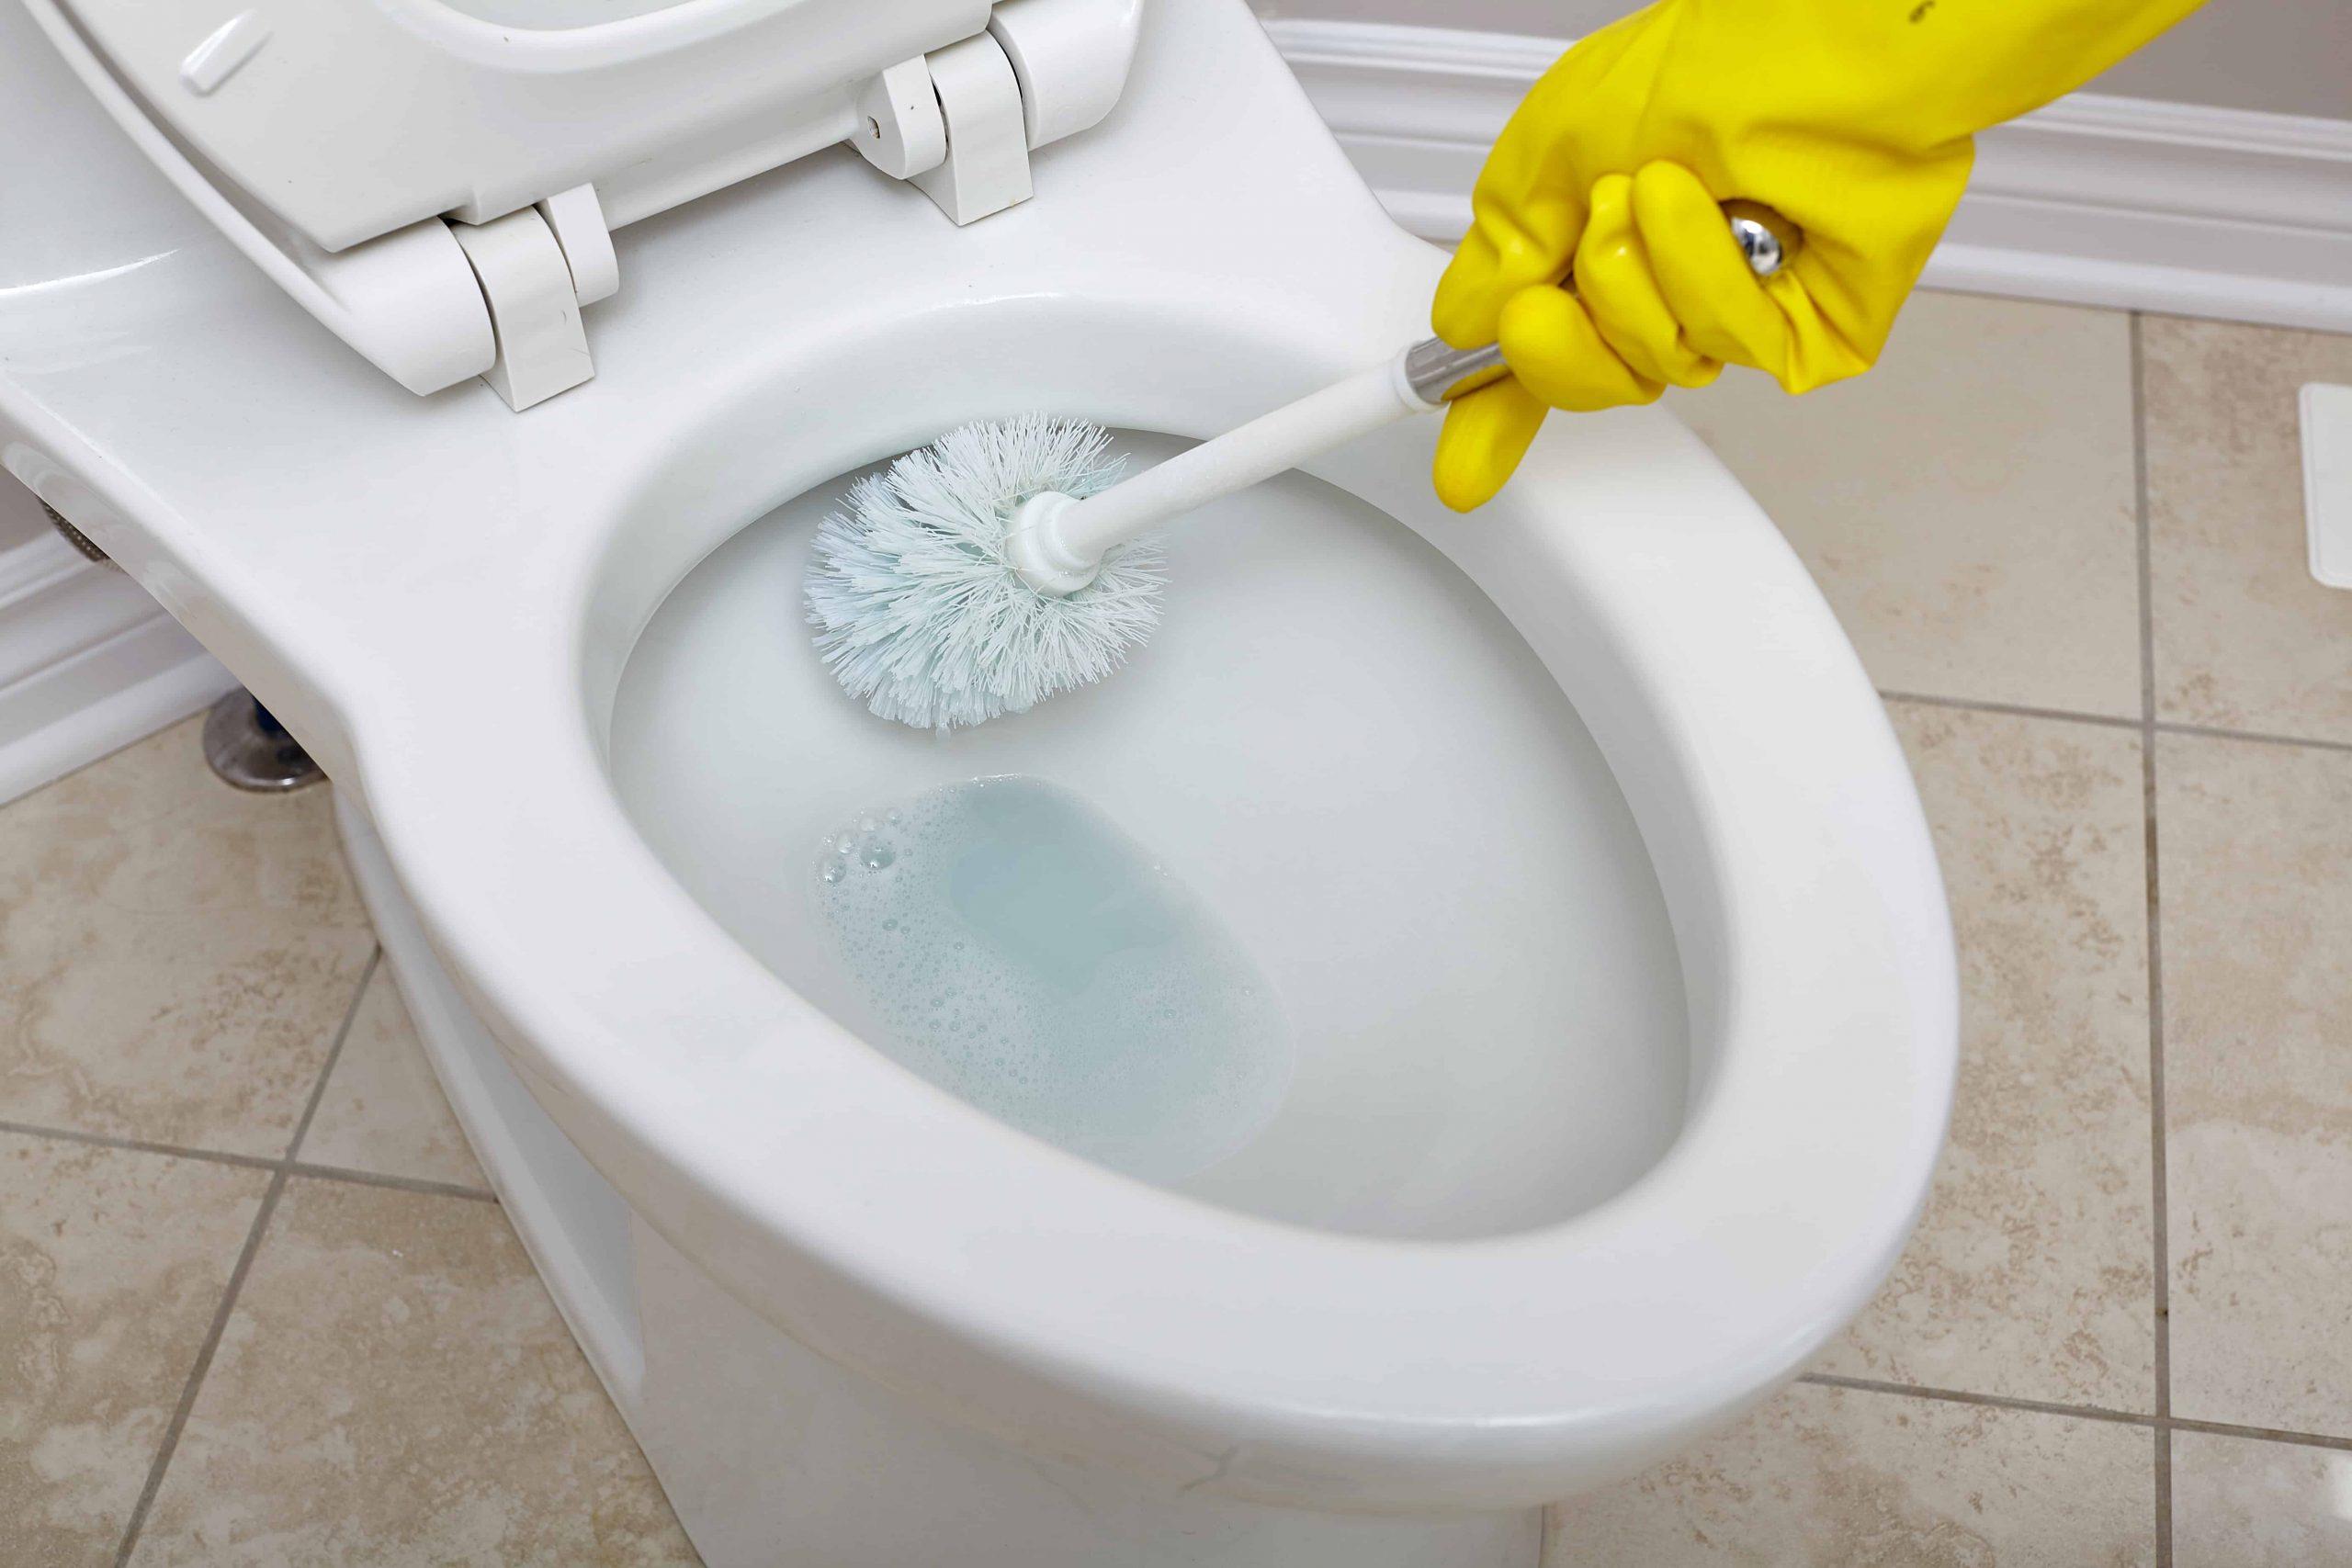 WC Reiniger: Test & Empfehlungen (07/20)